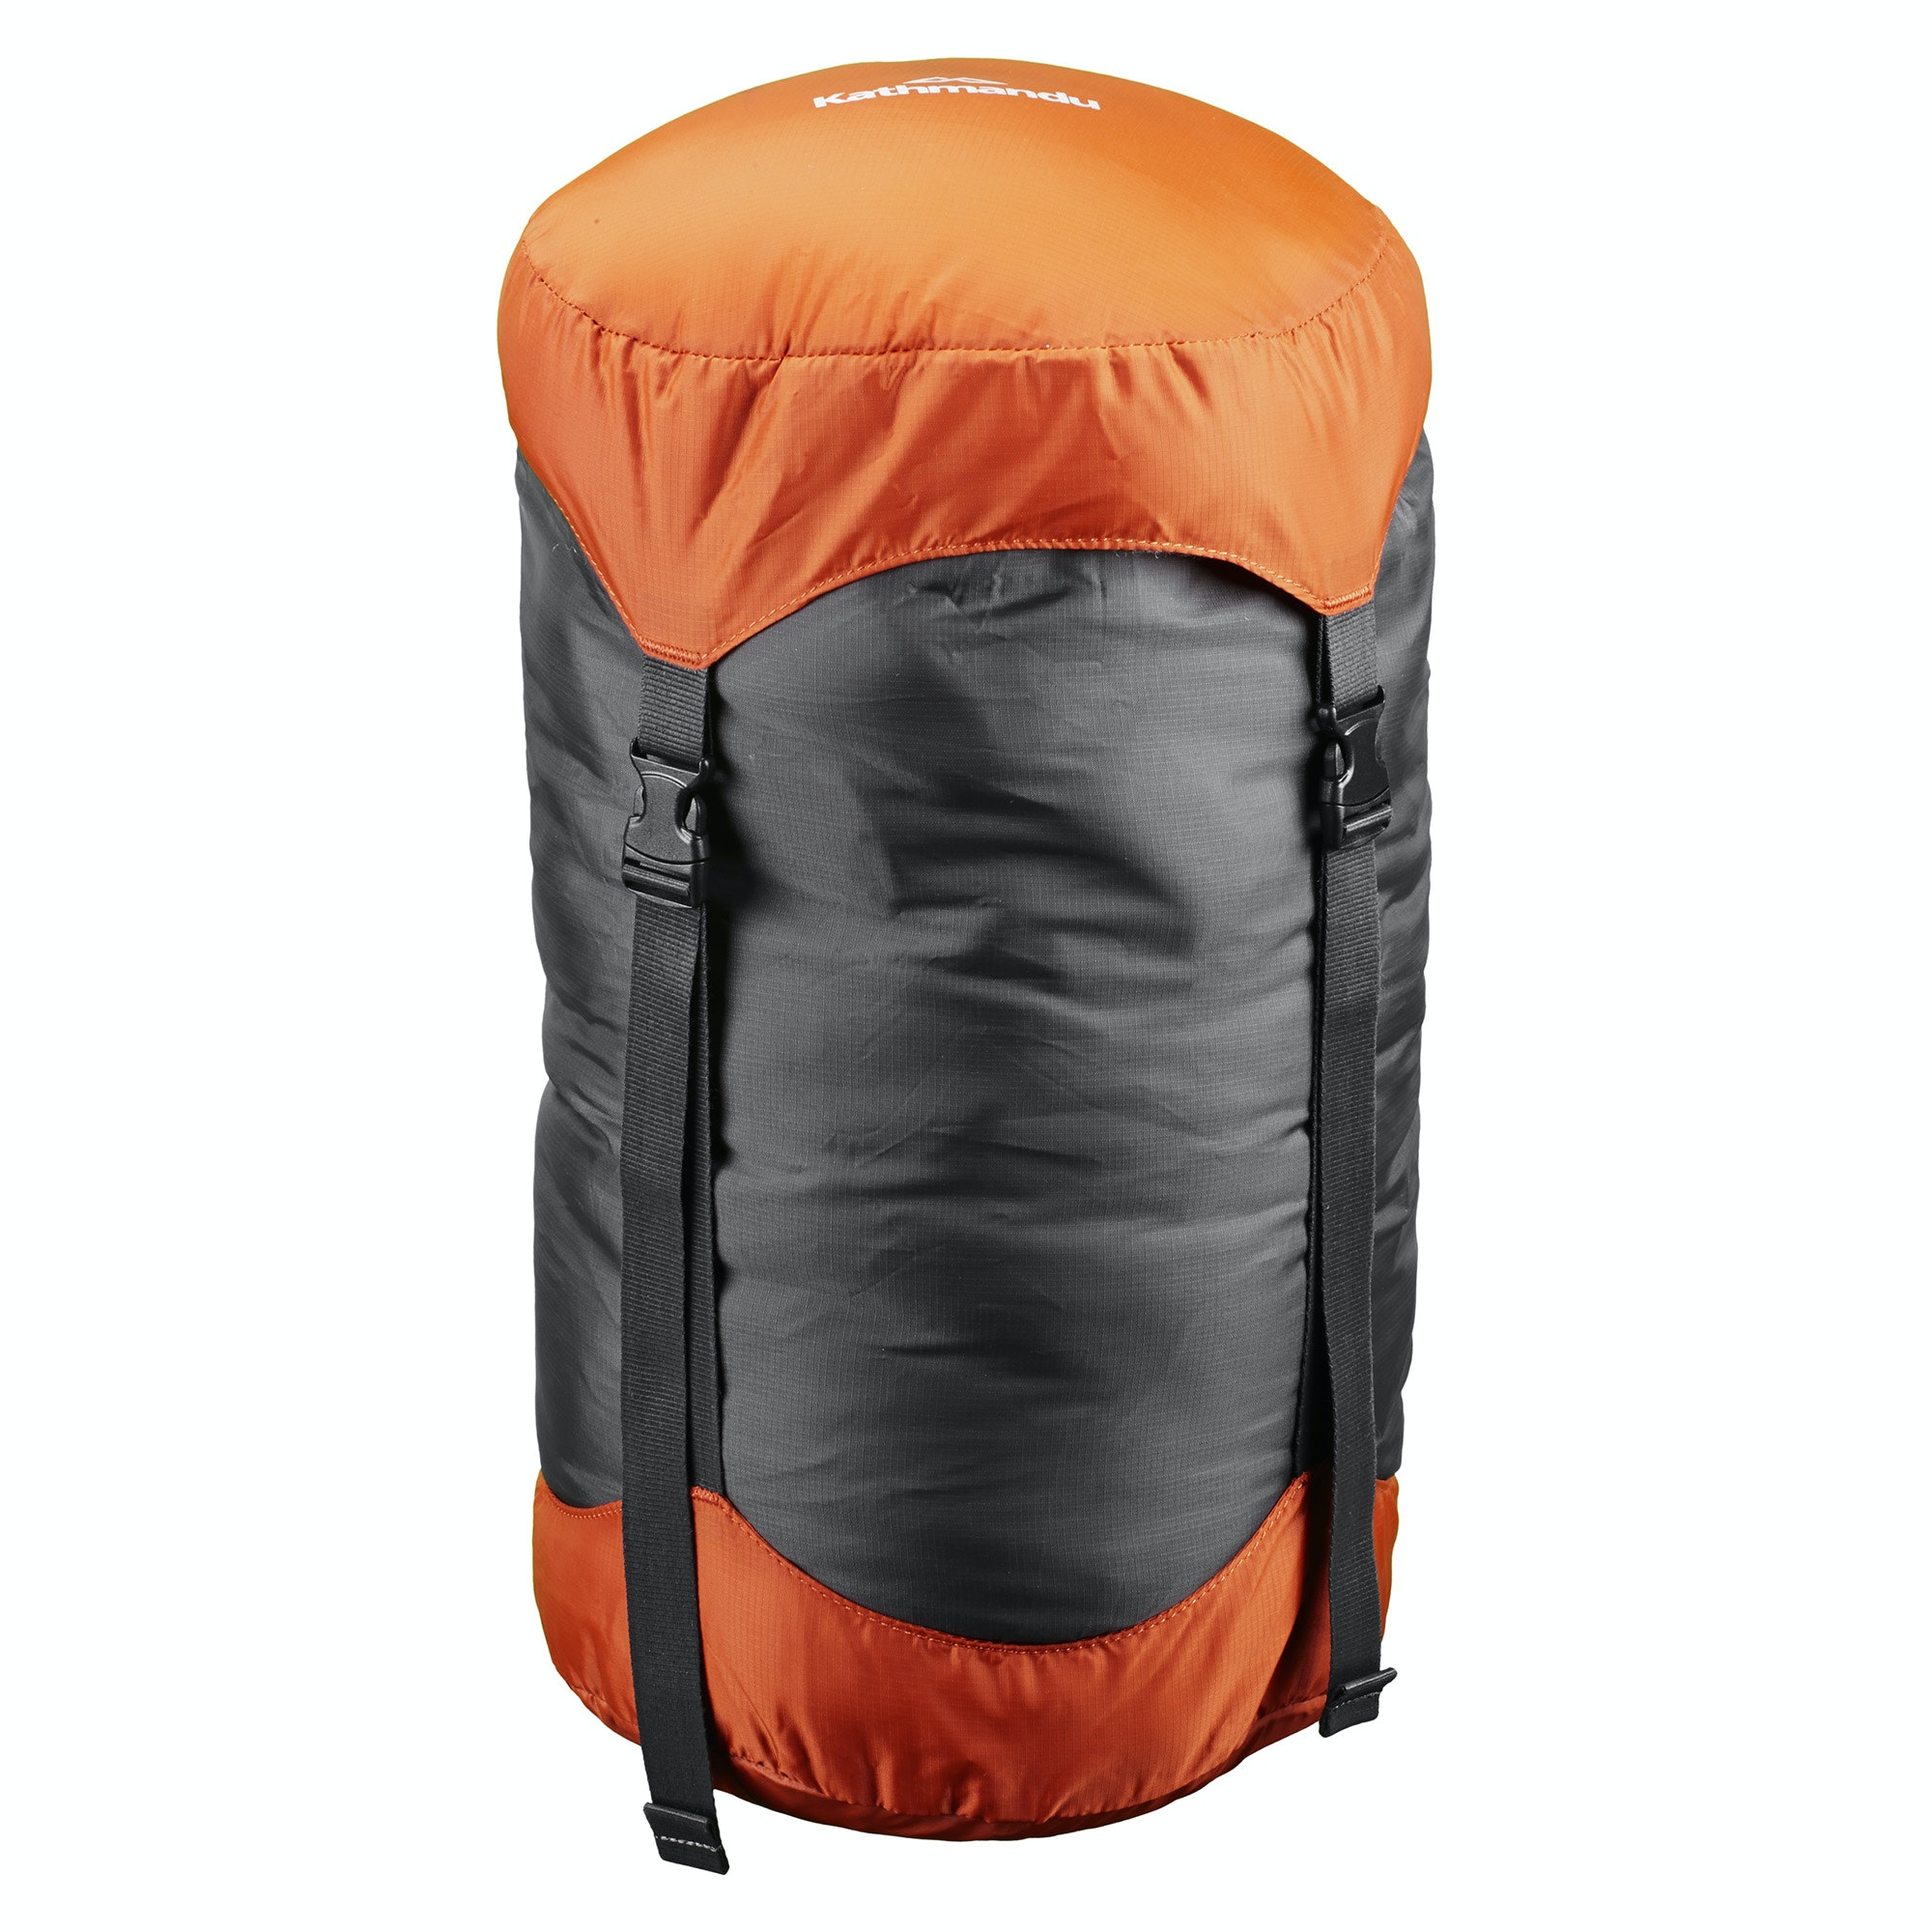 compression sack v2 l orange. Black Bedroom Furniture Sets. Home Design Ideas